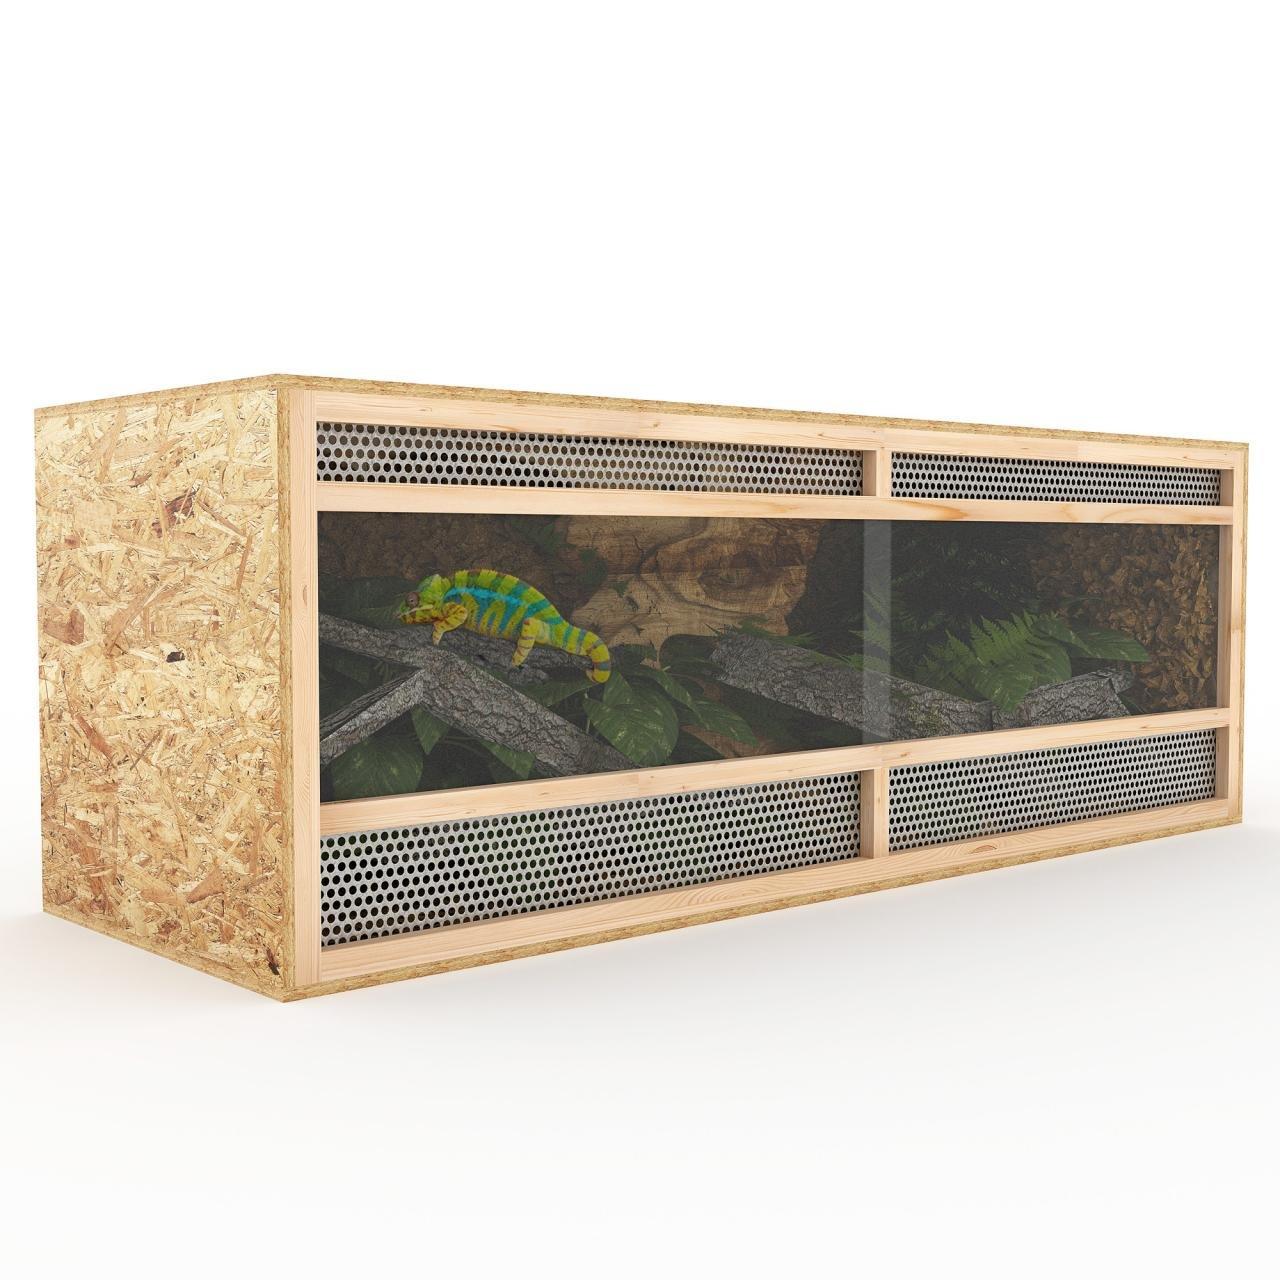 Terrarium aus Holz 148 cm breit aus OSB Platten Holzterrarium mit Seitenbelüftung Happypet